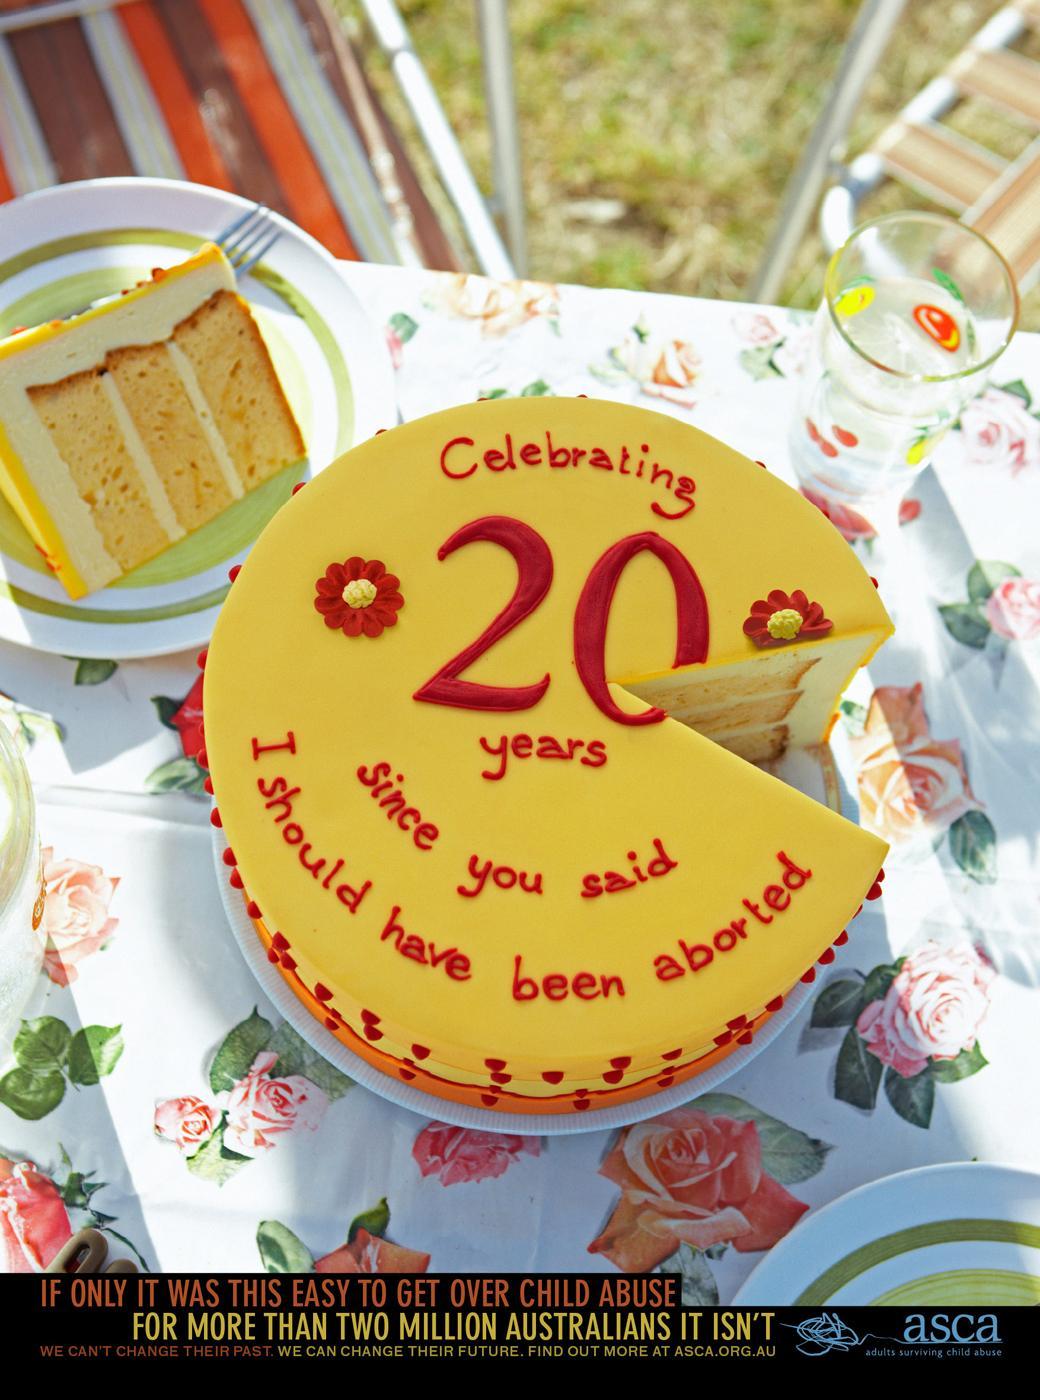 Les publicités les plus créatives sur la Pâtisserie - Spécial #LeMeilleurPâtissier 27